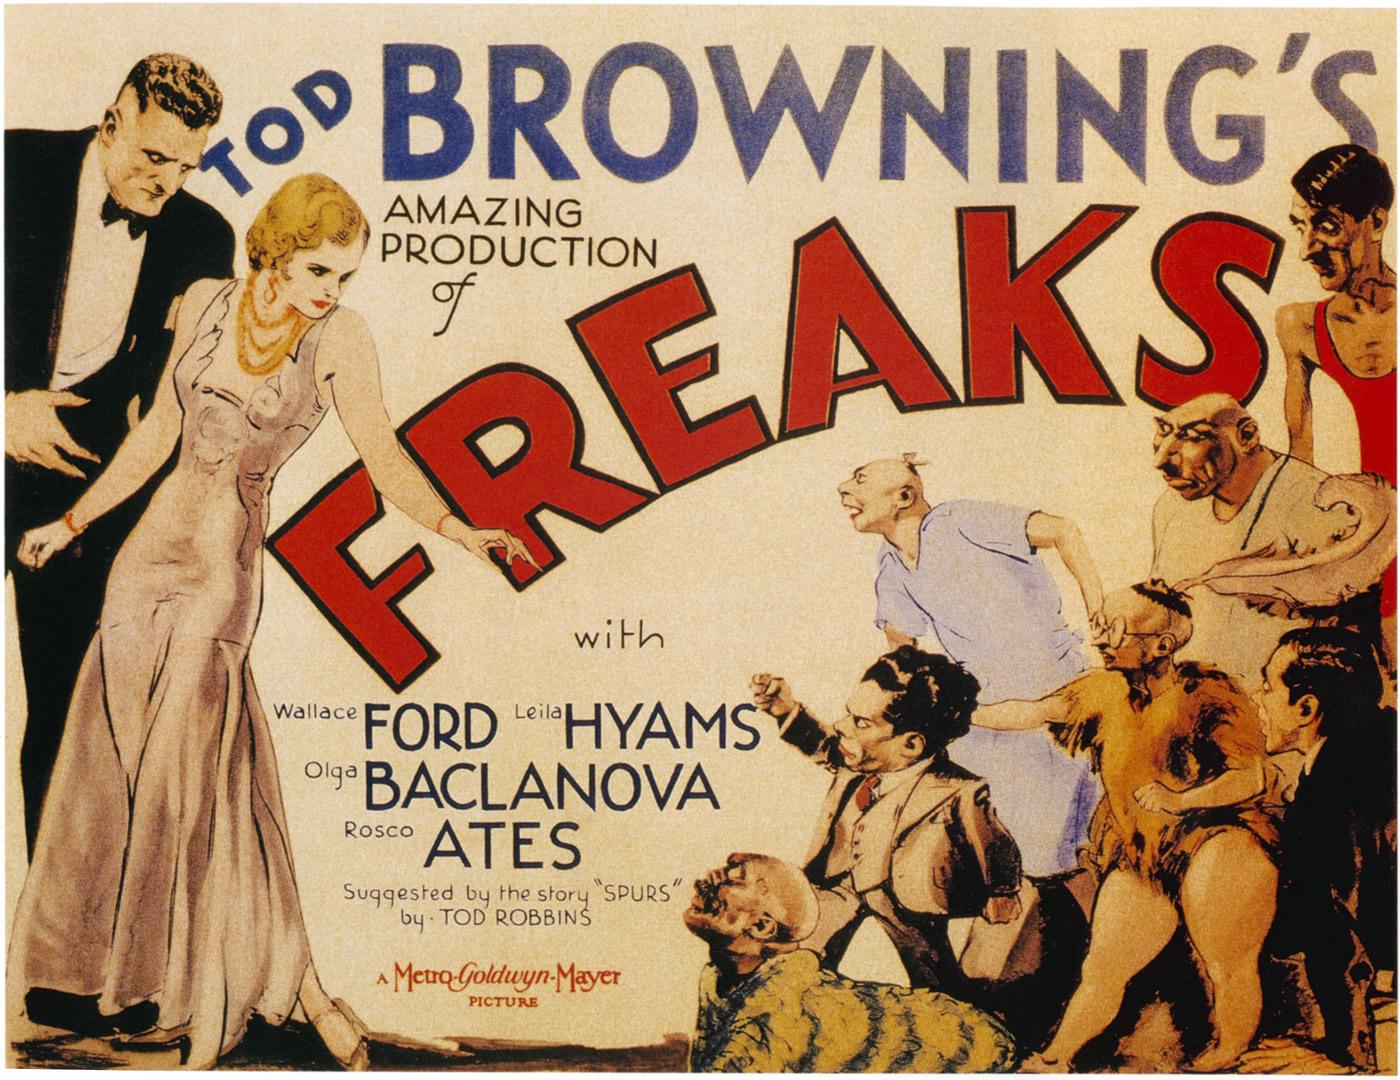 Freaks vintage horror movie posters wallpaper image